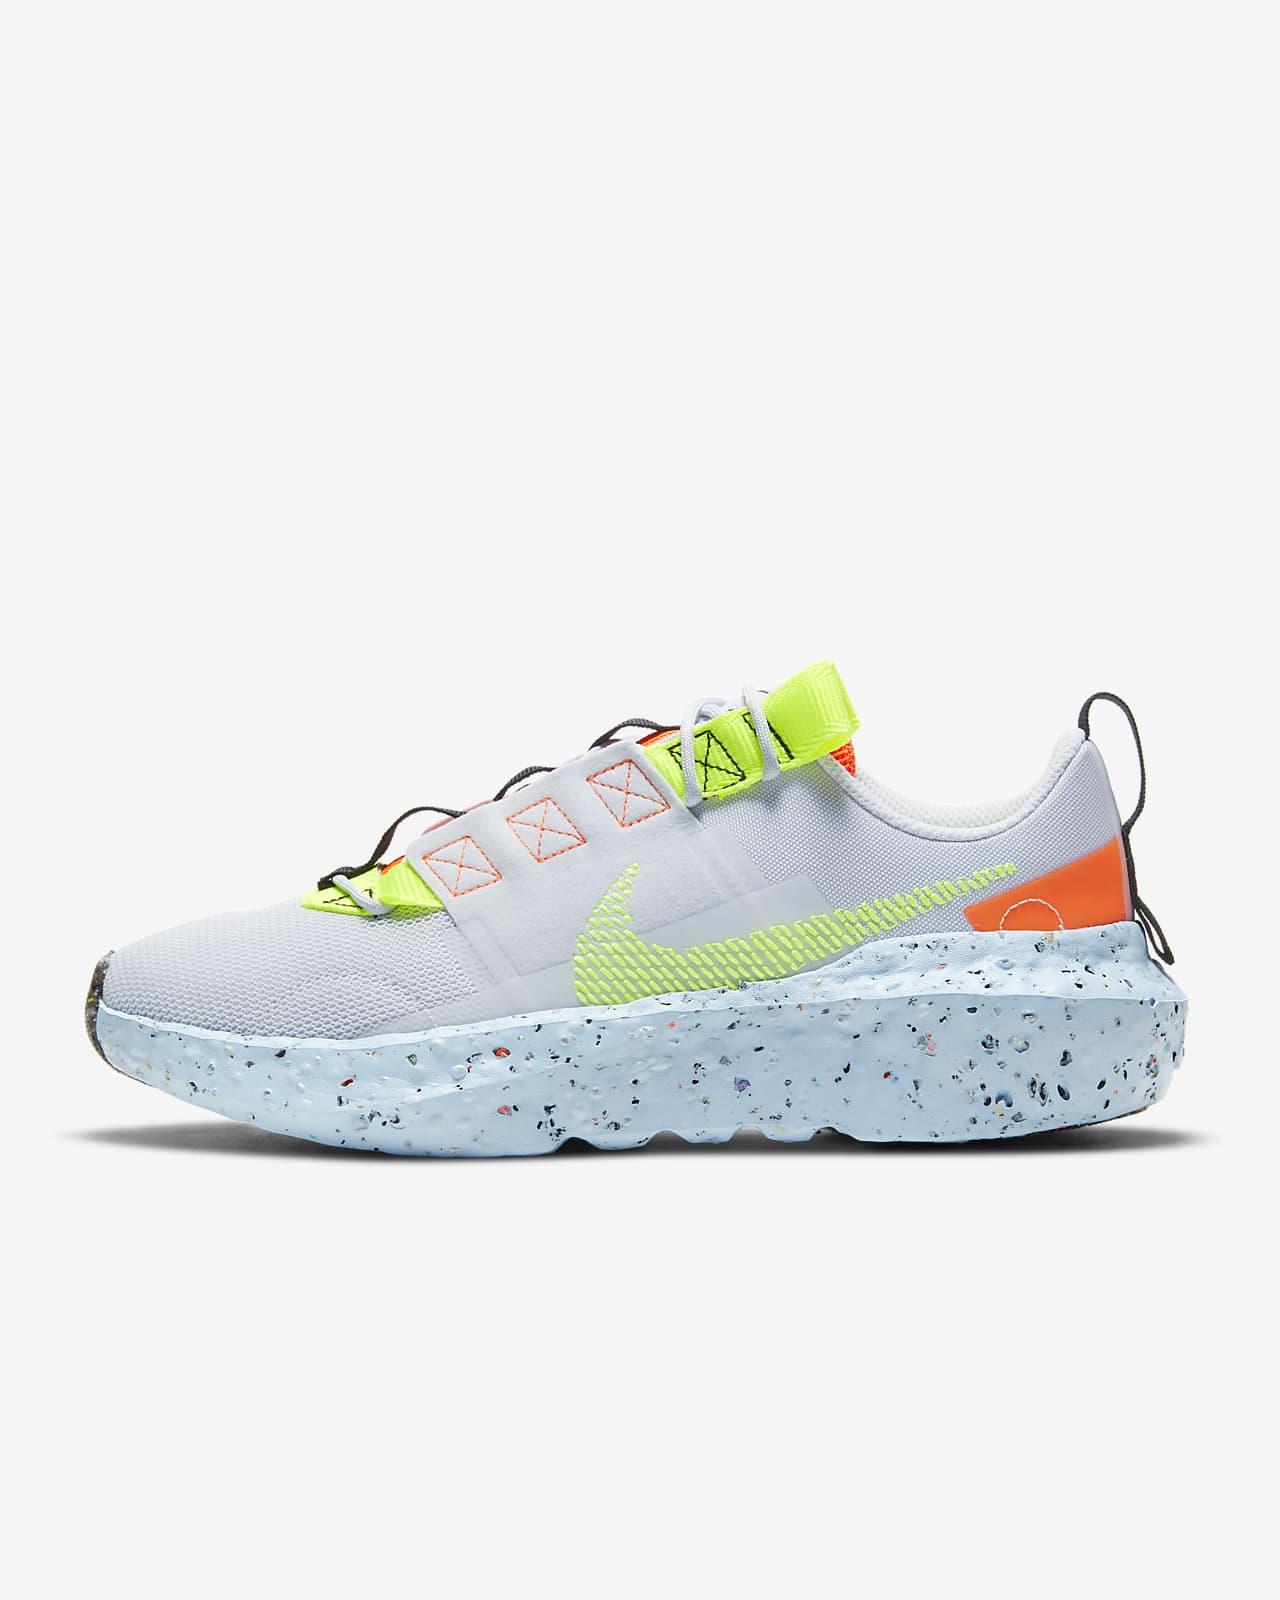 รองเท้าผู้หญิง Nike Crater Impact